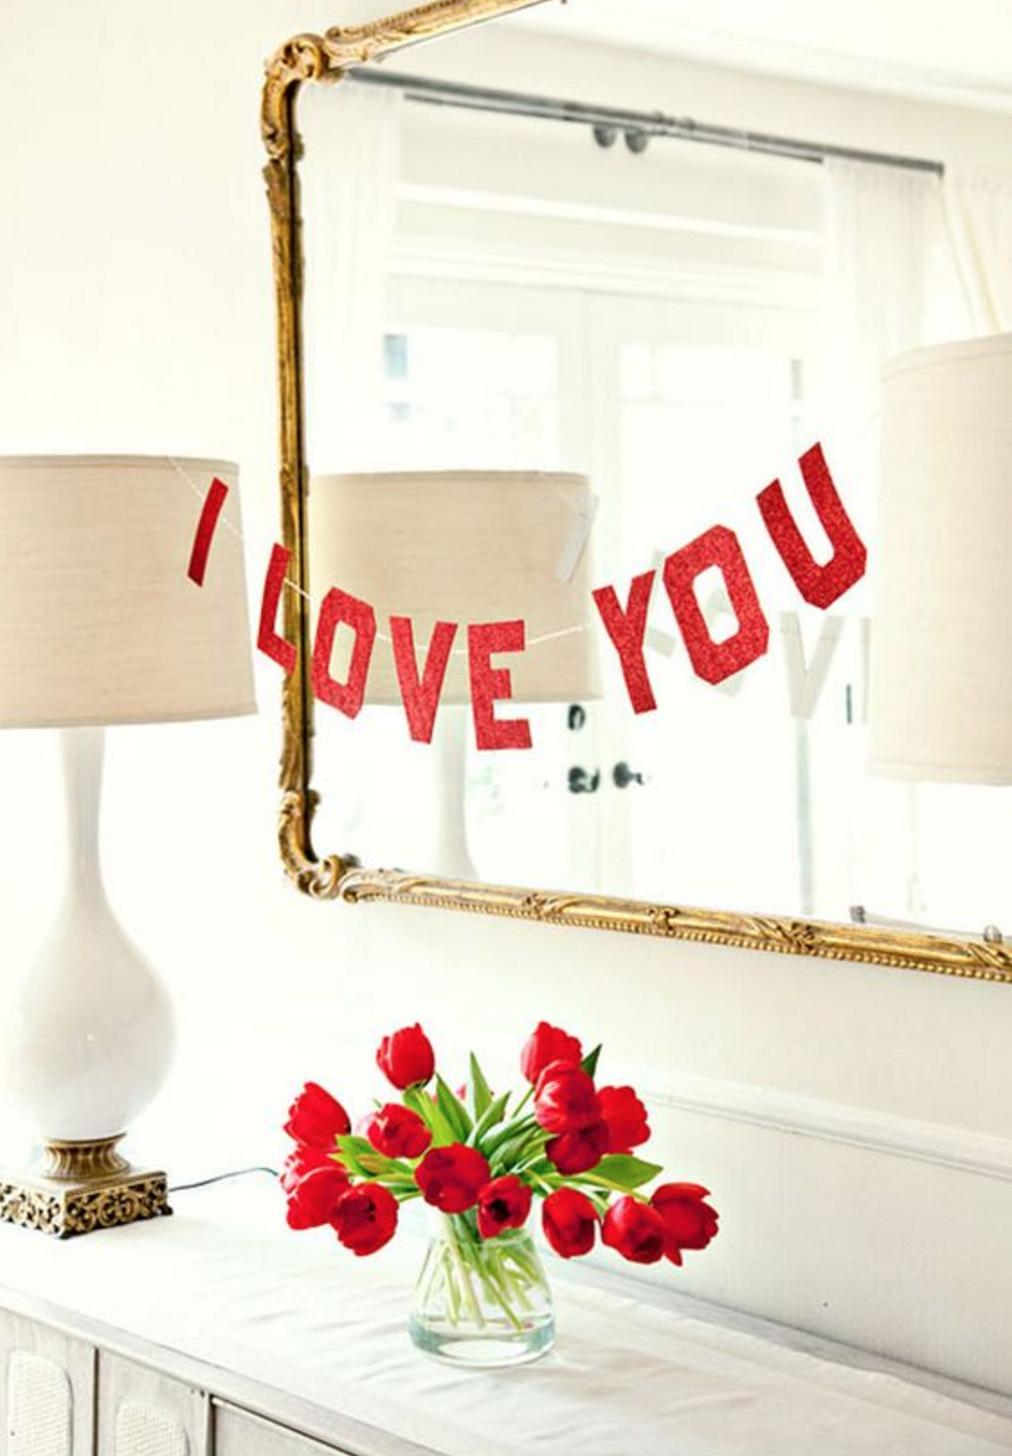 Как украсить комнату на 14 февраля: идеи